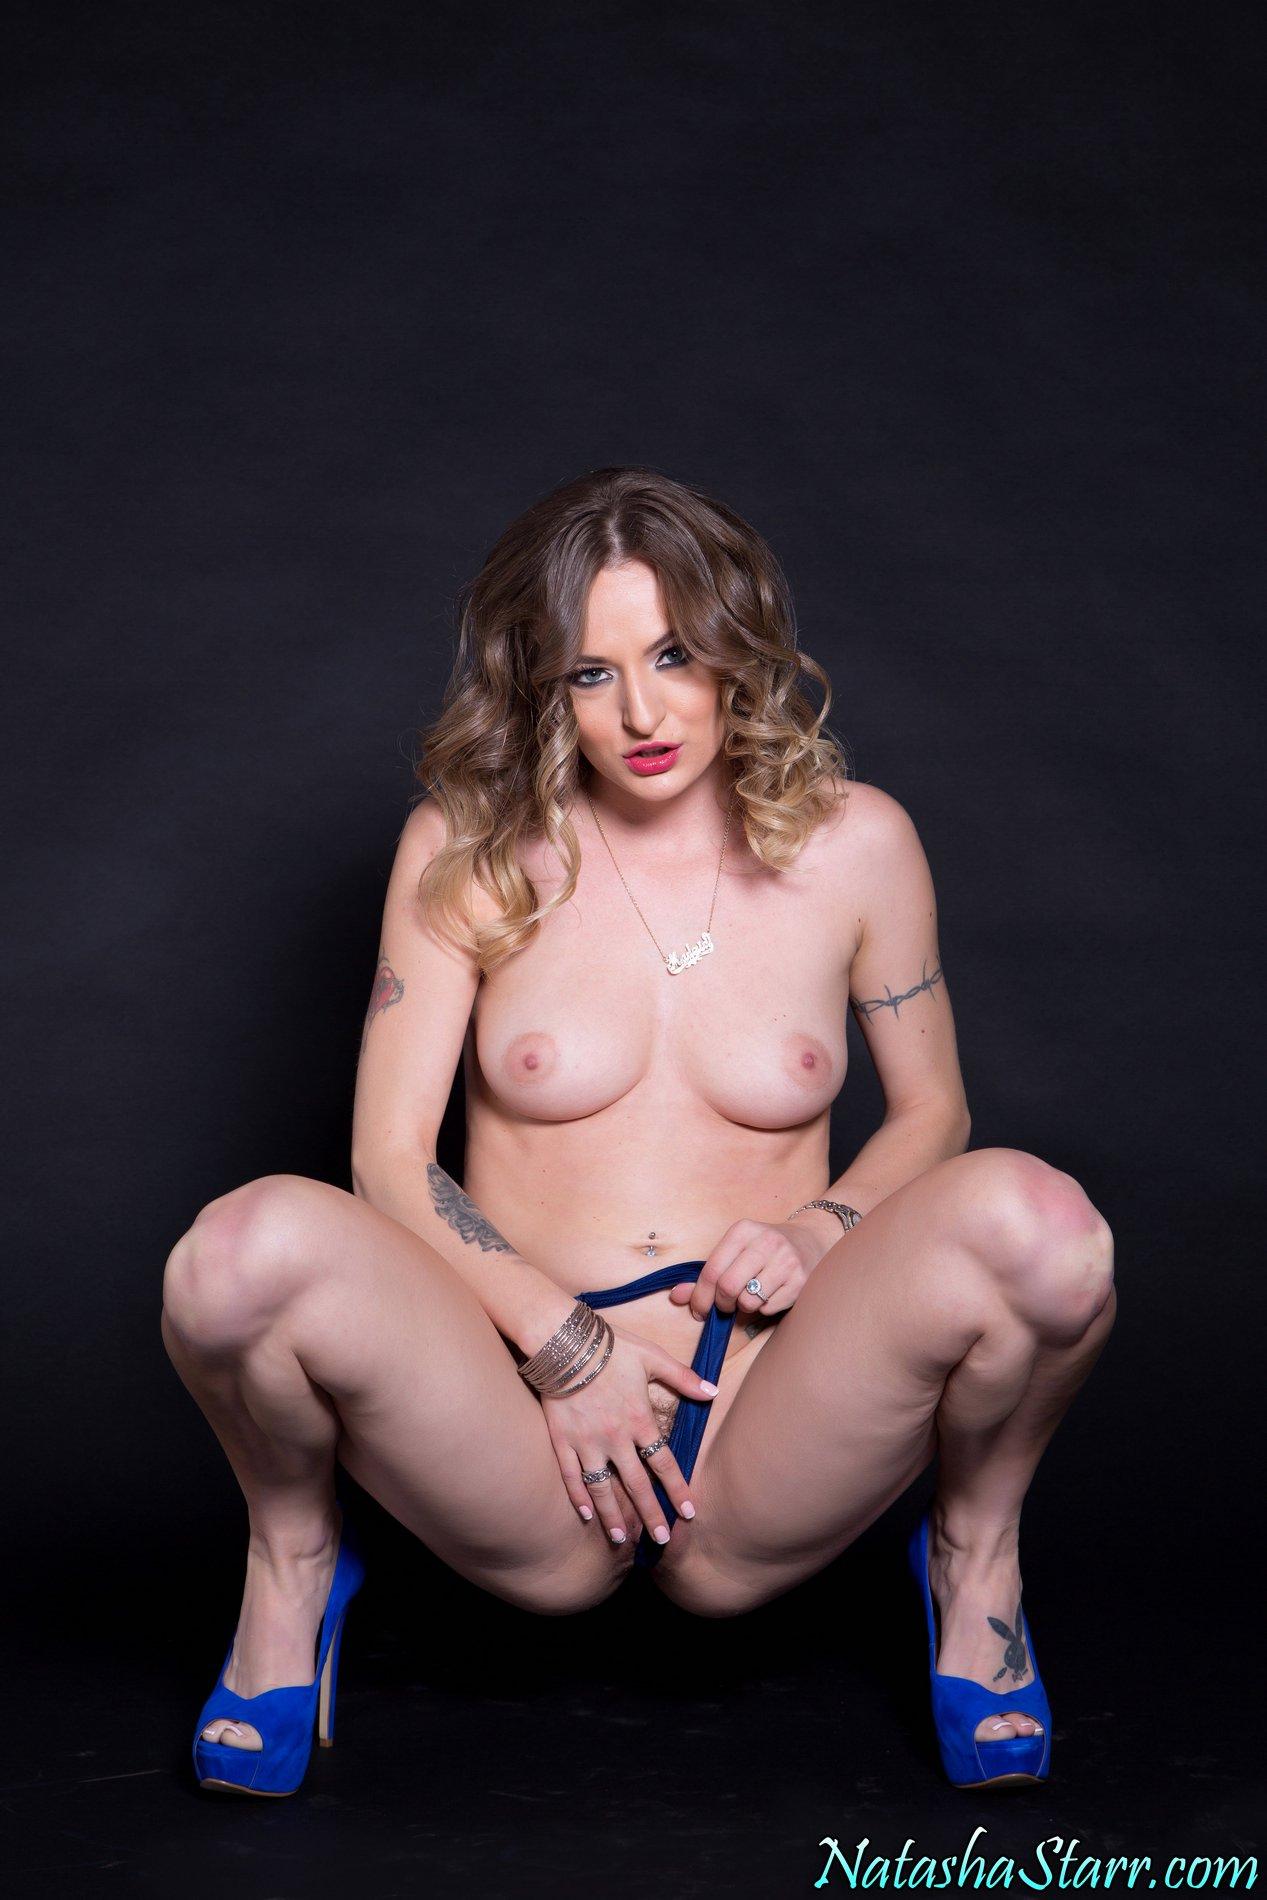 Natasha blue pornstar